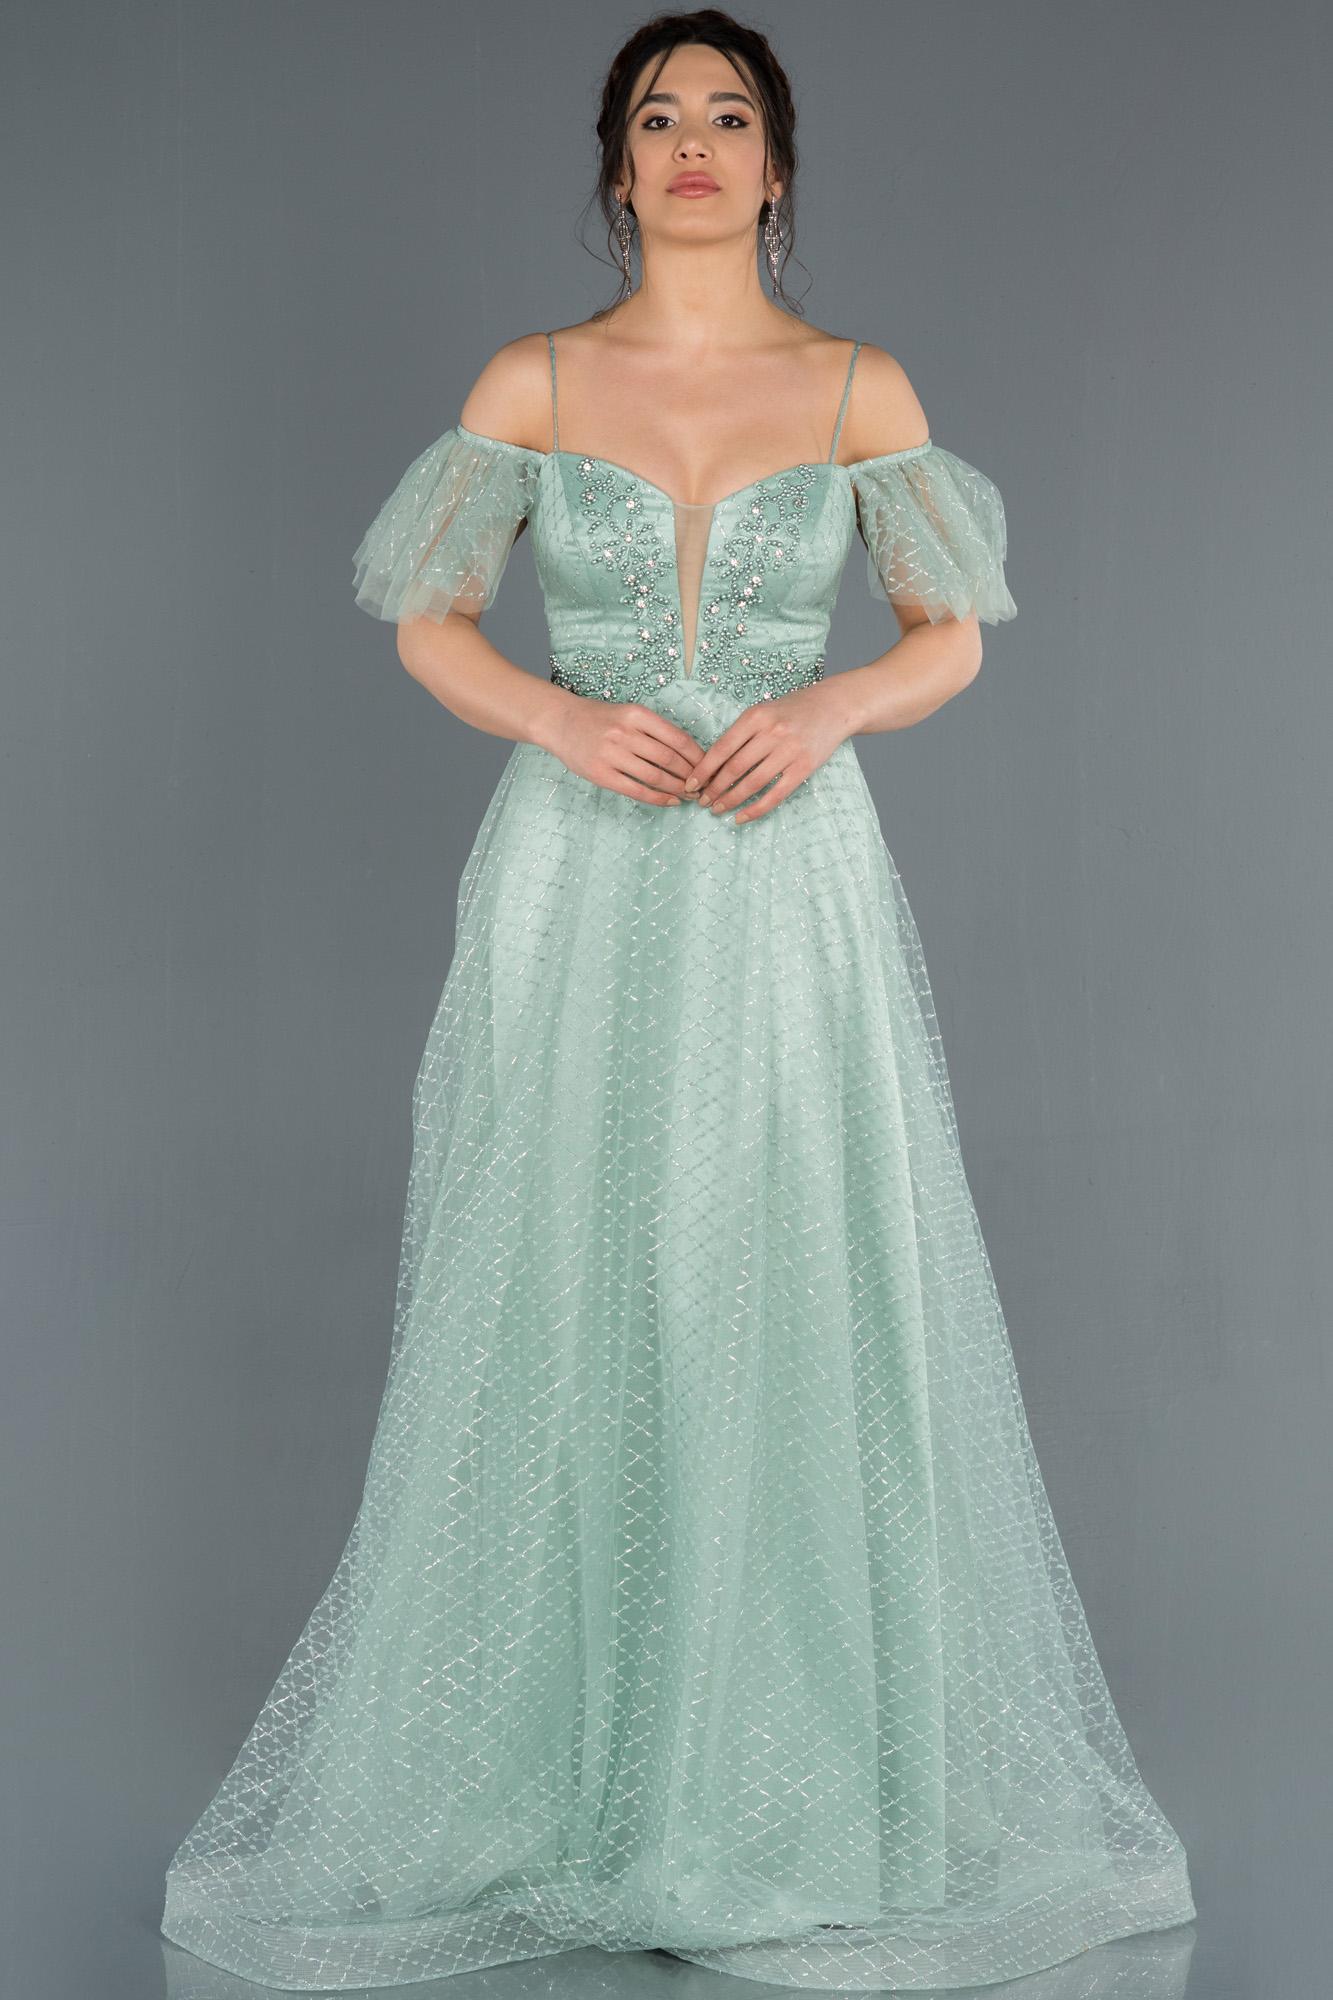 Firuze Kol Detaylı Simli Tül Abiye Elbise